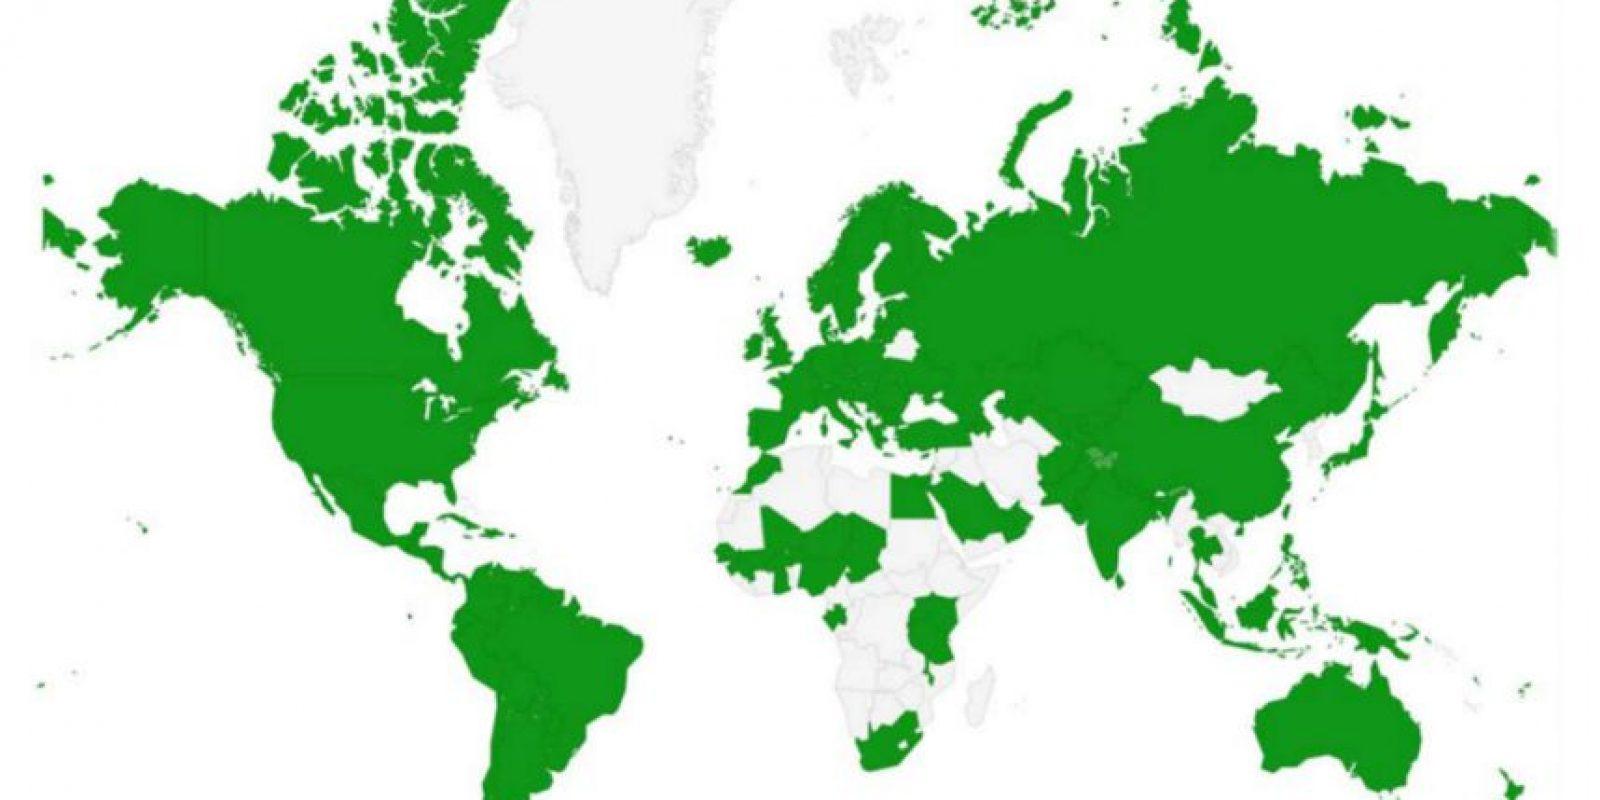 Tiene alianzas con compañías telefónicas alrededor del mundo. Foto:ChatSim